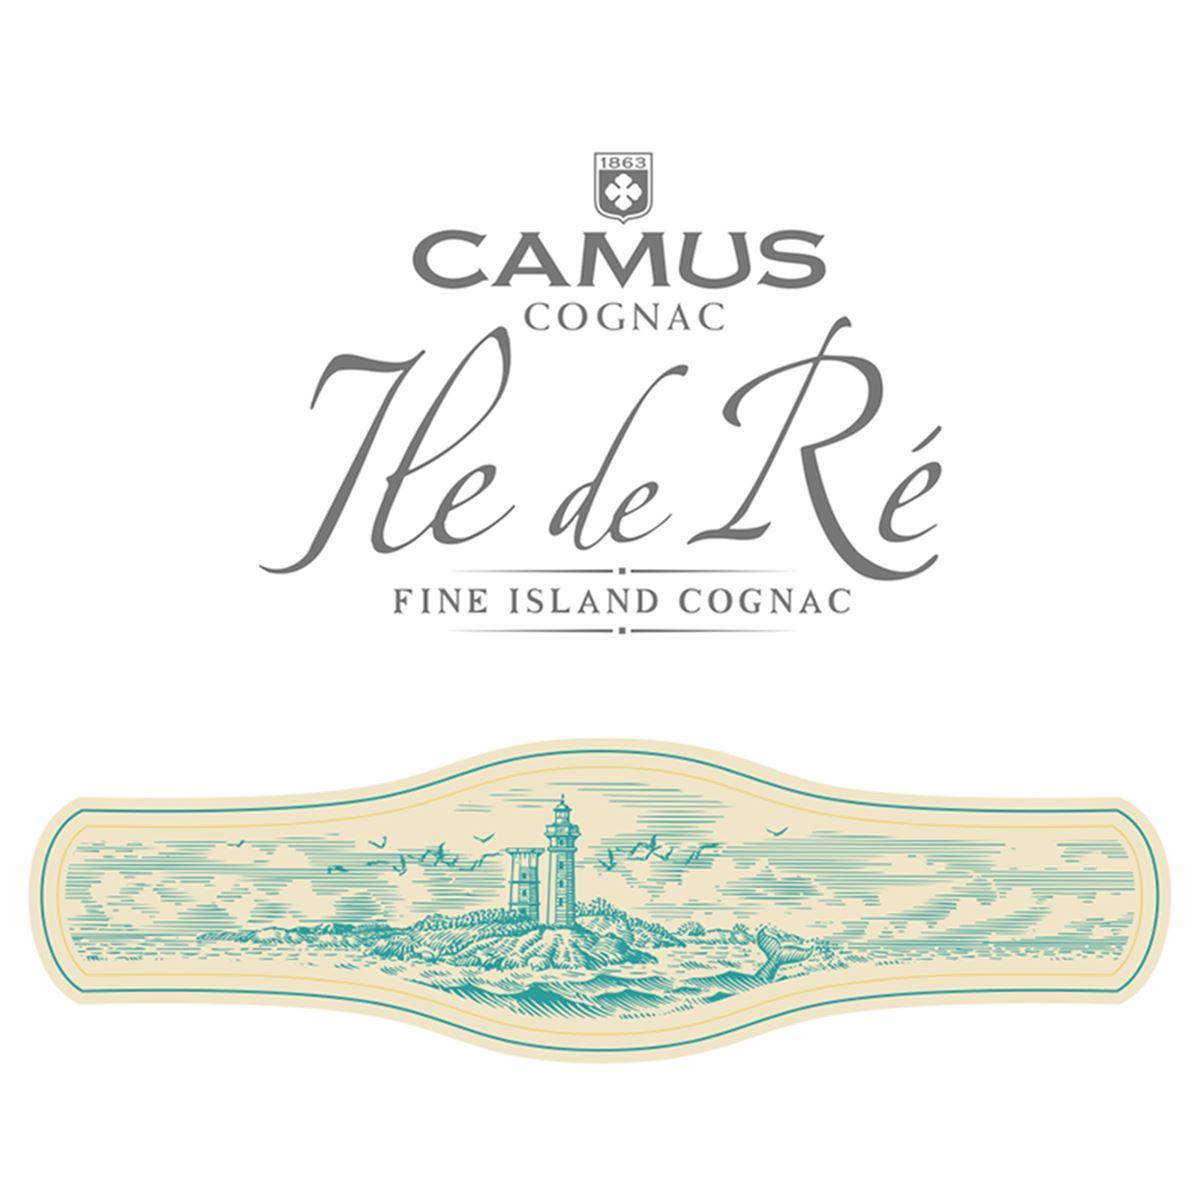 Camus Île de Ré